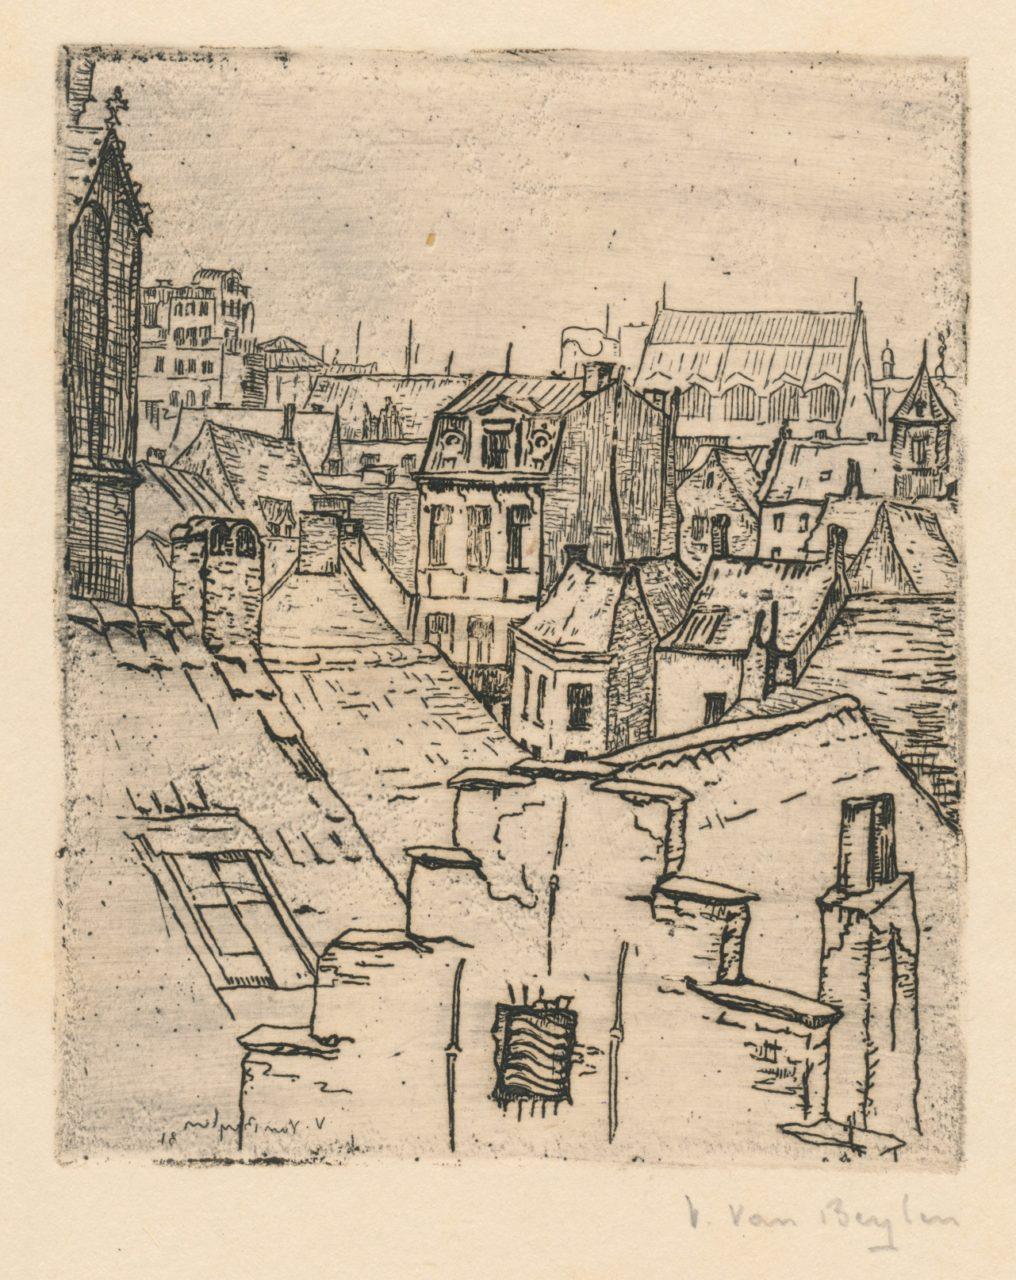 Victor Van Beylen 4